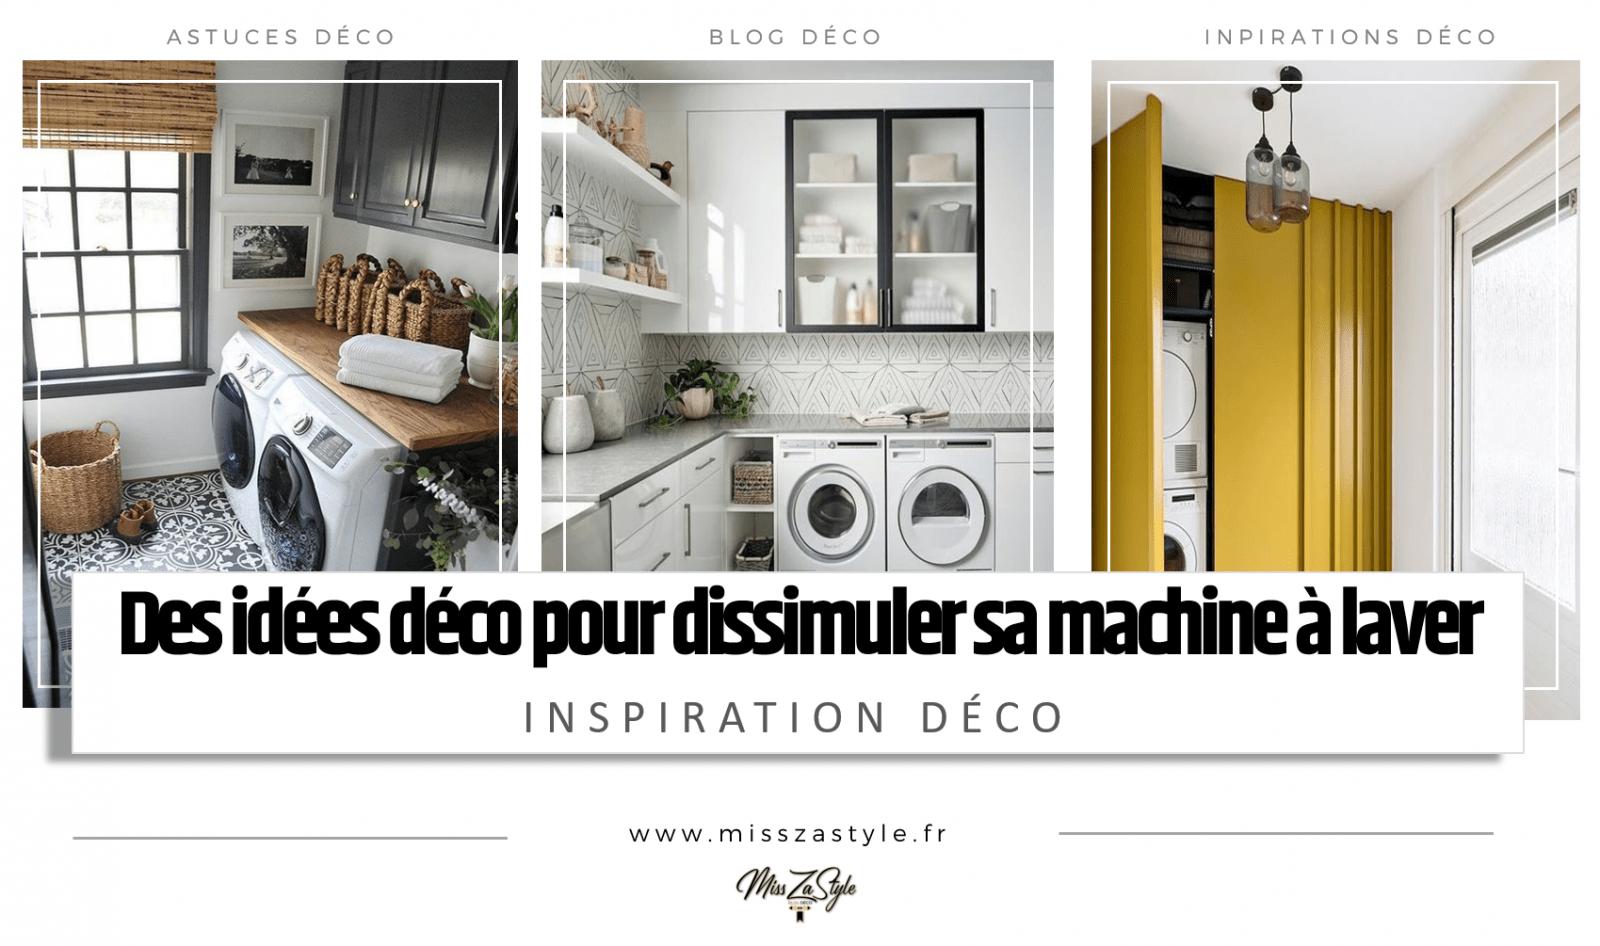 Meuble Salle De Bain Pour Machine A Laver idées déco pour dissimuler sa machine à laver - misszastyle